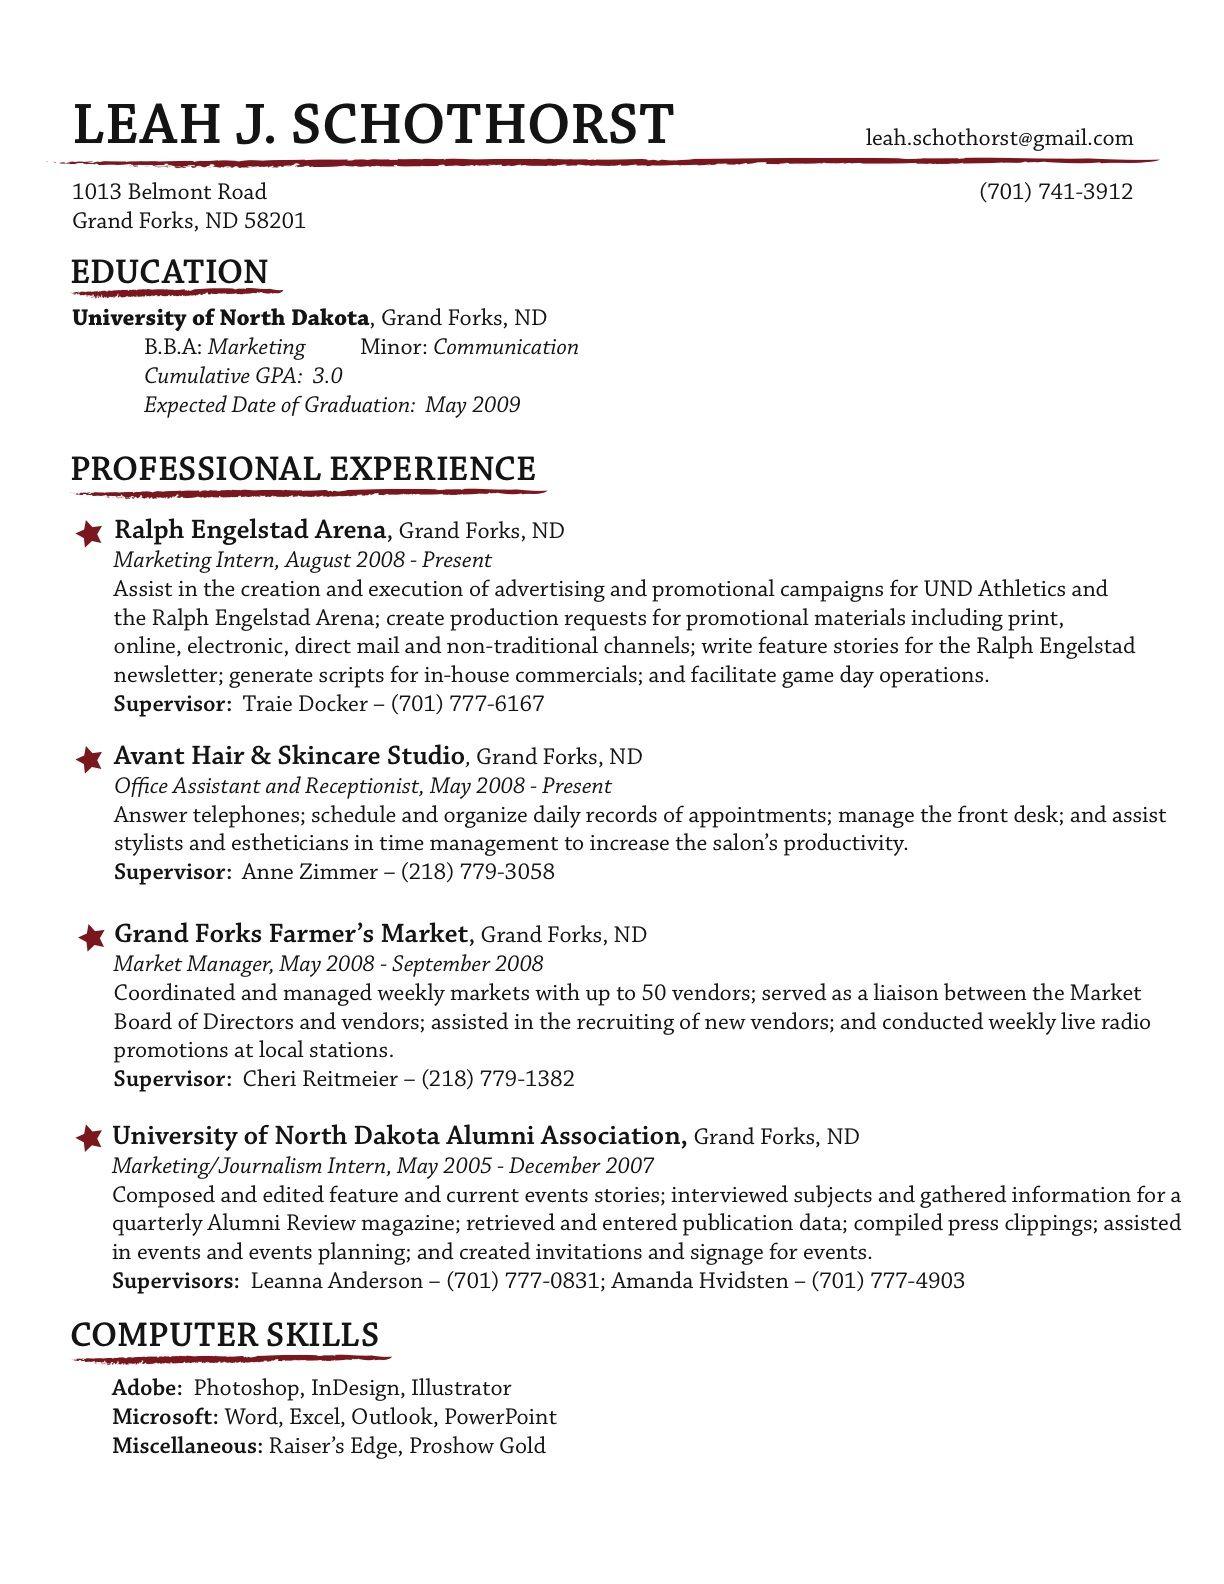 mac computer skills on resume